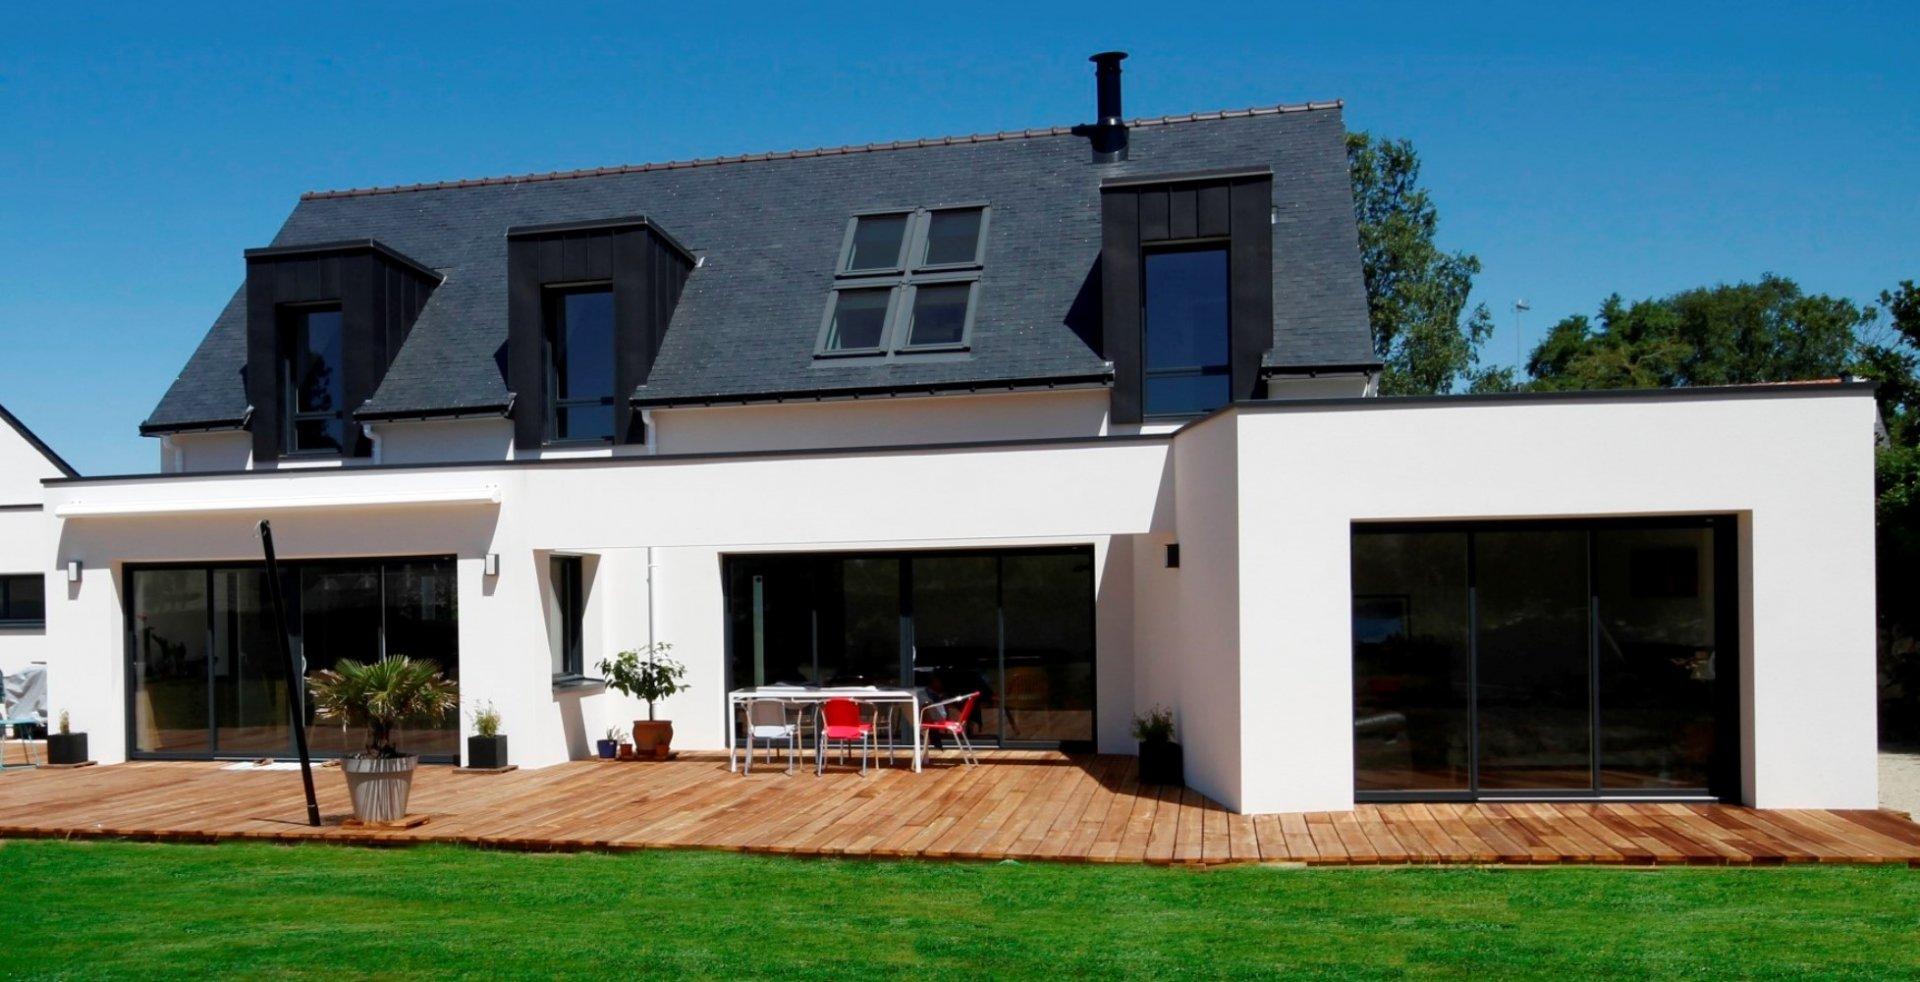 Constructeur maison contemporaine loiret mc immo for Maison contemporaine loiret